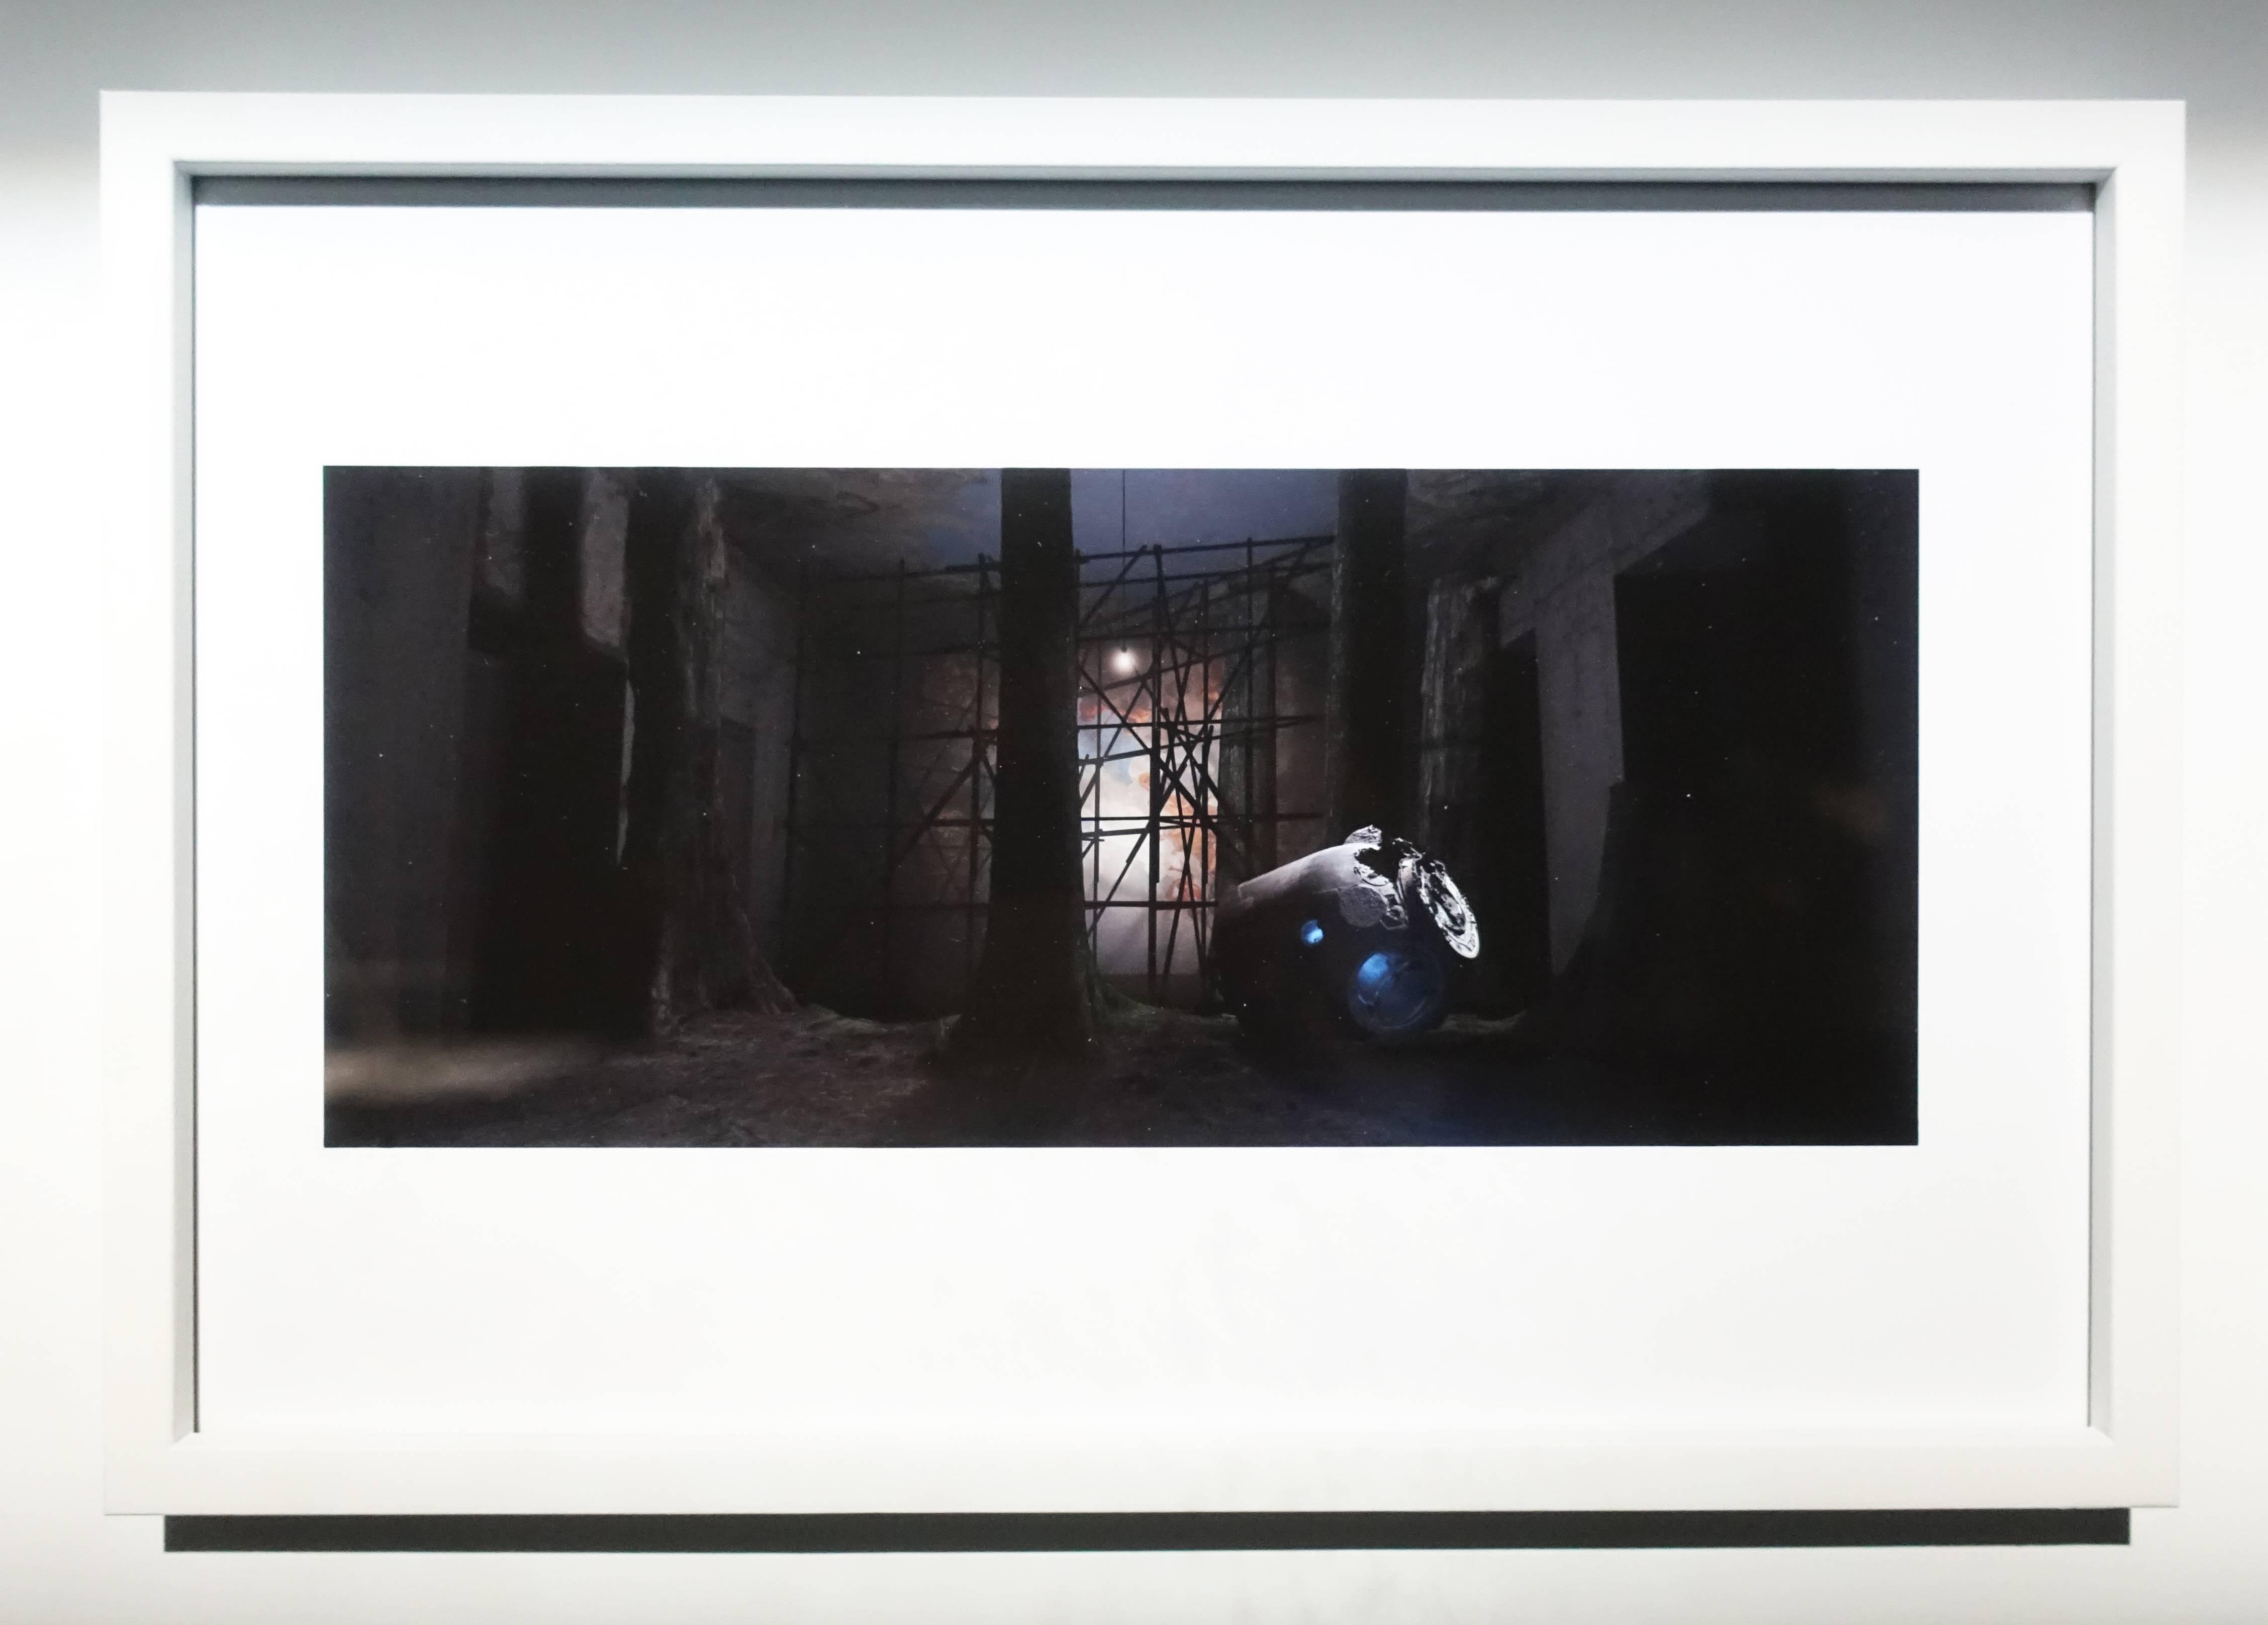 Florian Claar,《Wanderer Frame No.00172 漫遊者 影格No.00172》,20 x 29.7cm,影像輸出,2019。